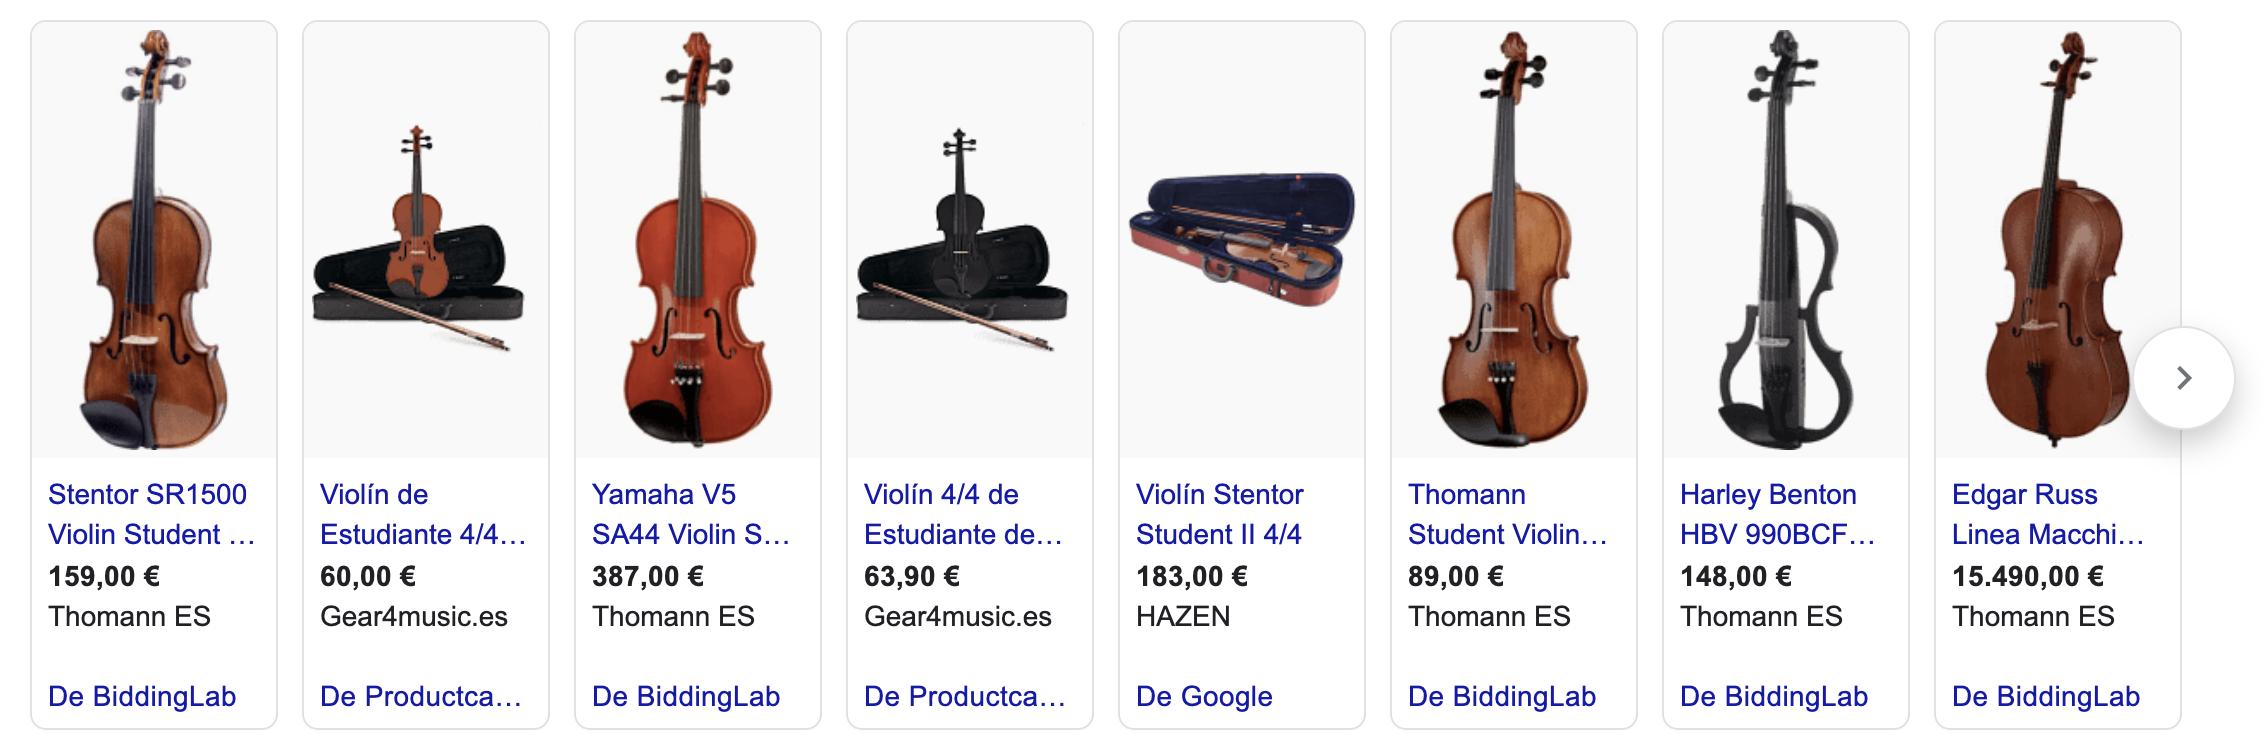 precio violin